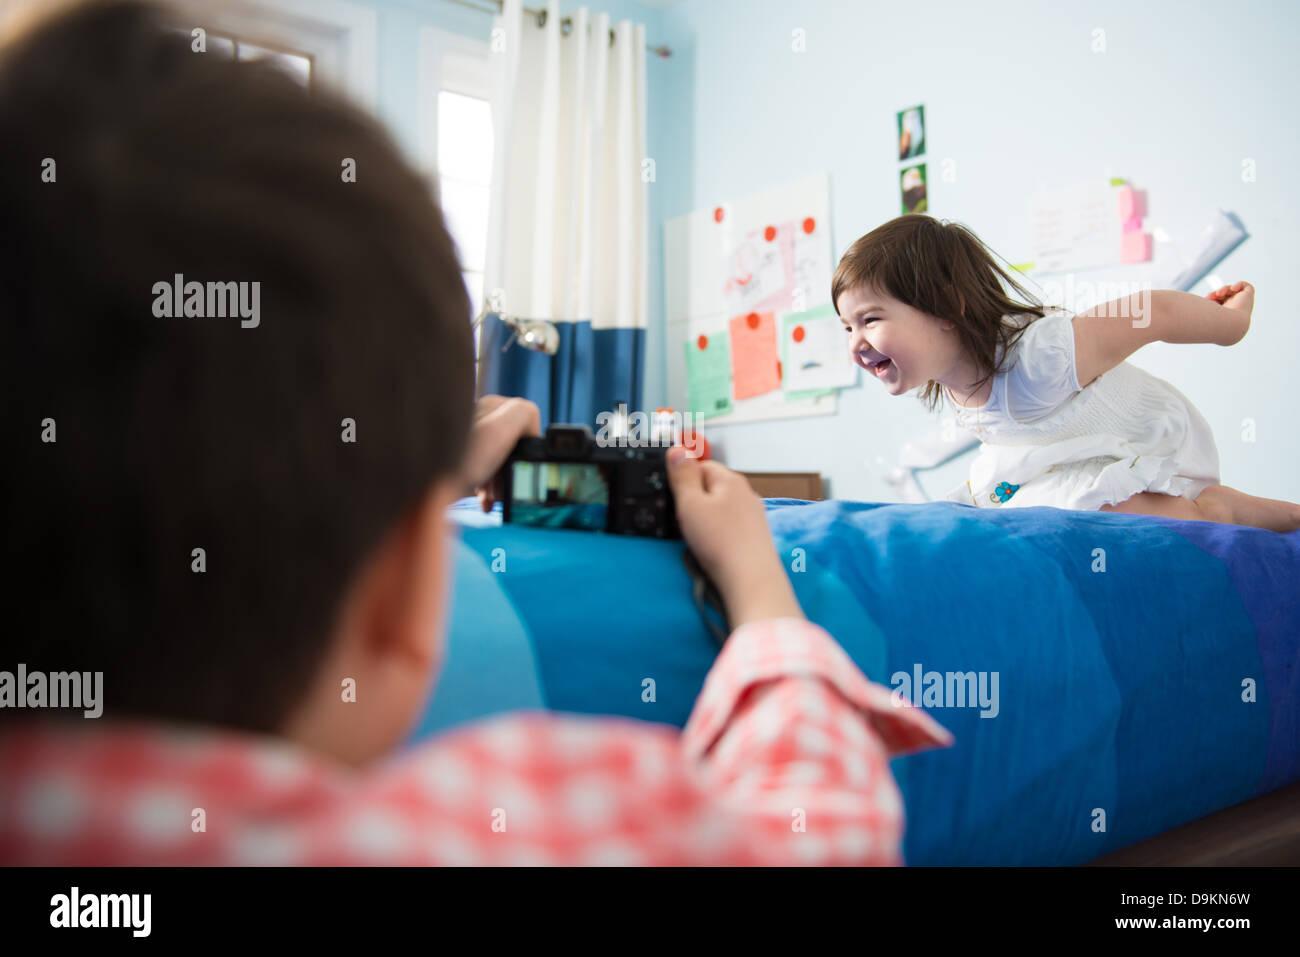 Garçon prendre des photos de sœur jouer agissant Photo Stock